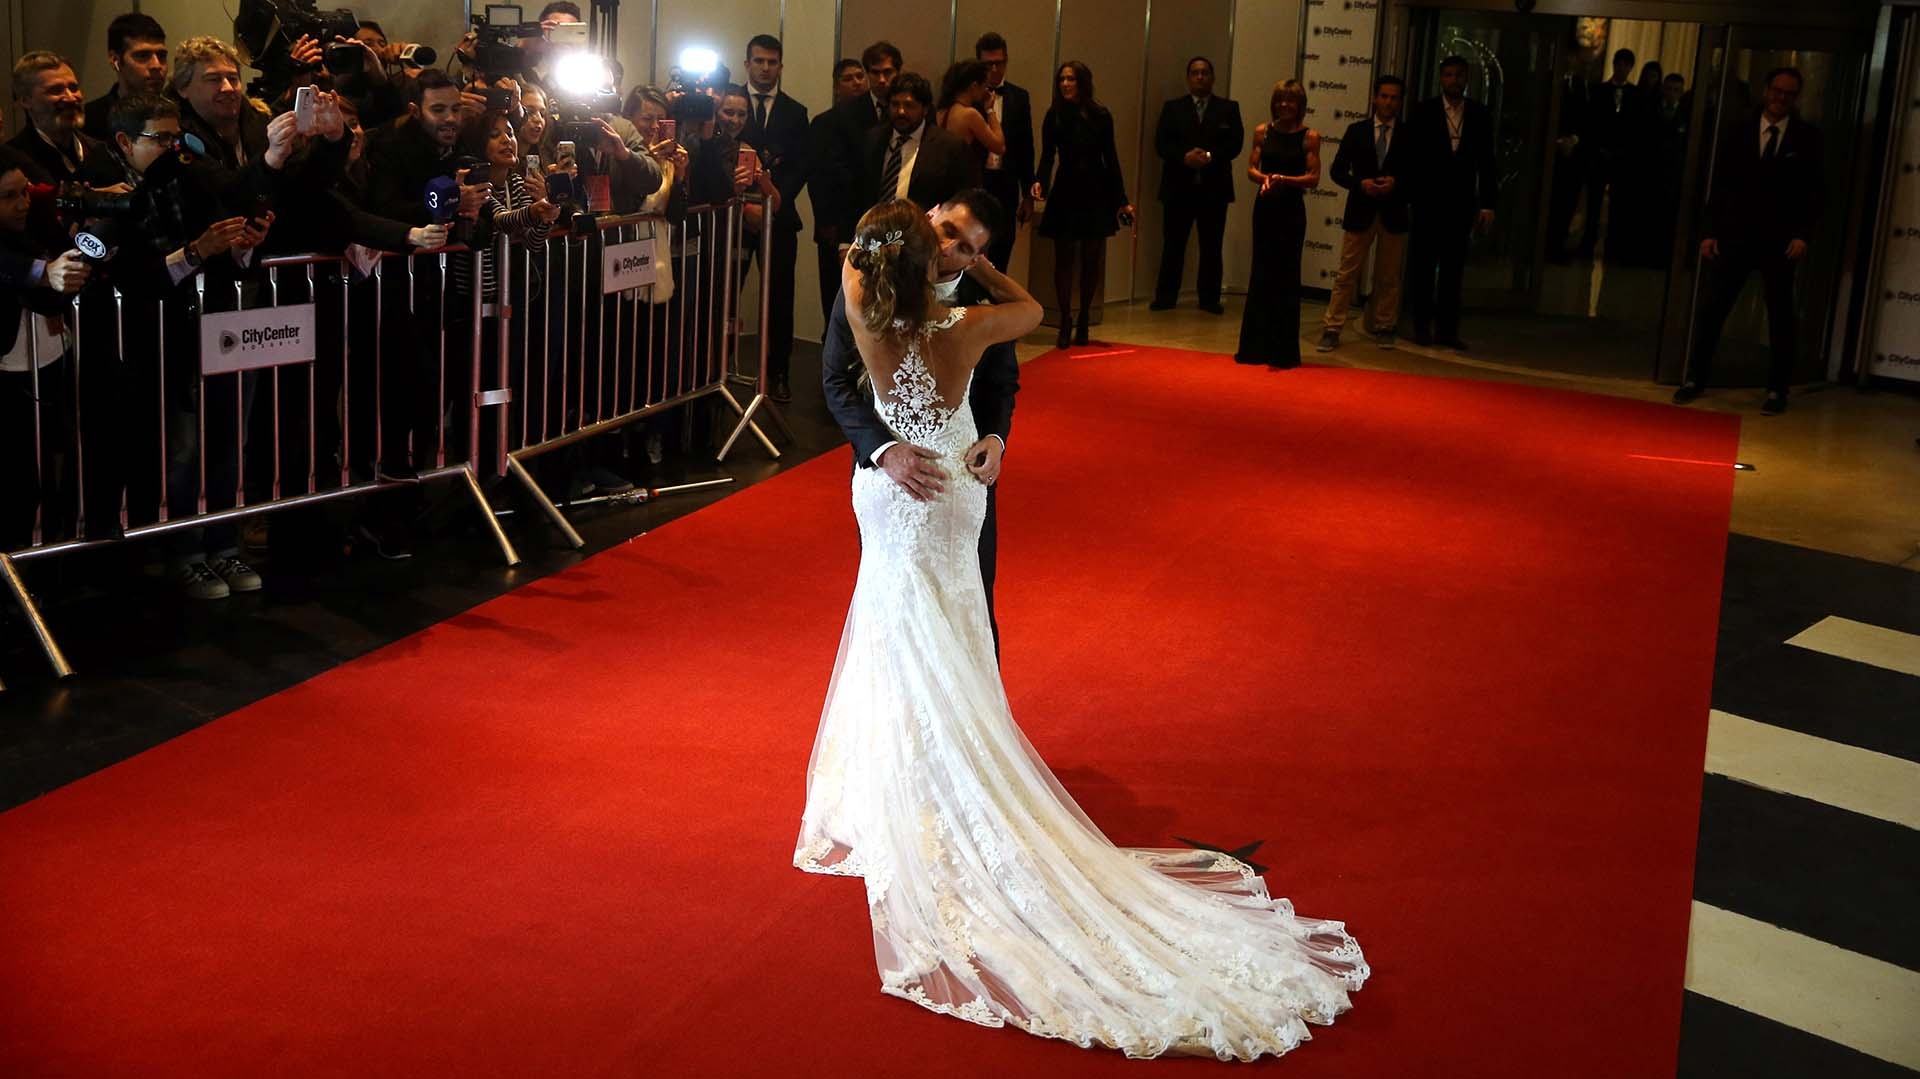 El apasionado beso de la pareja, en la alfombra roja del Hotel City Center de Rosario